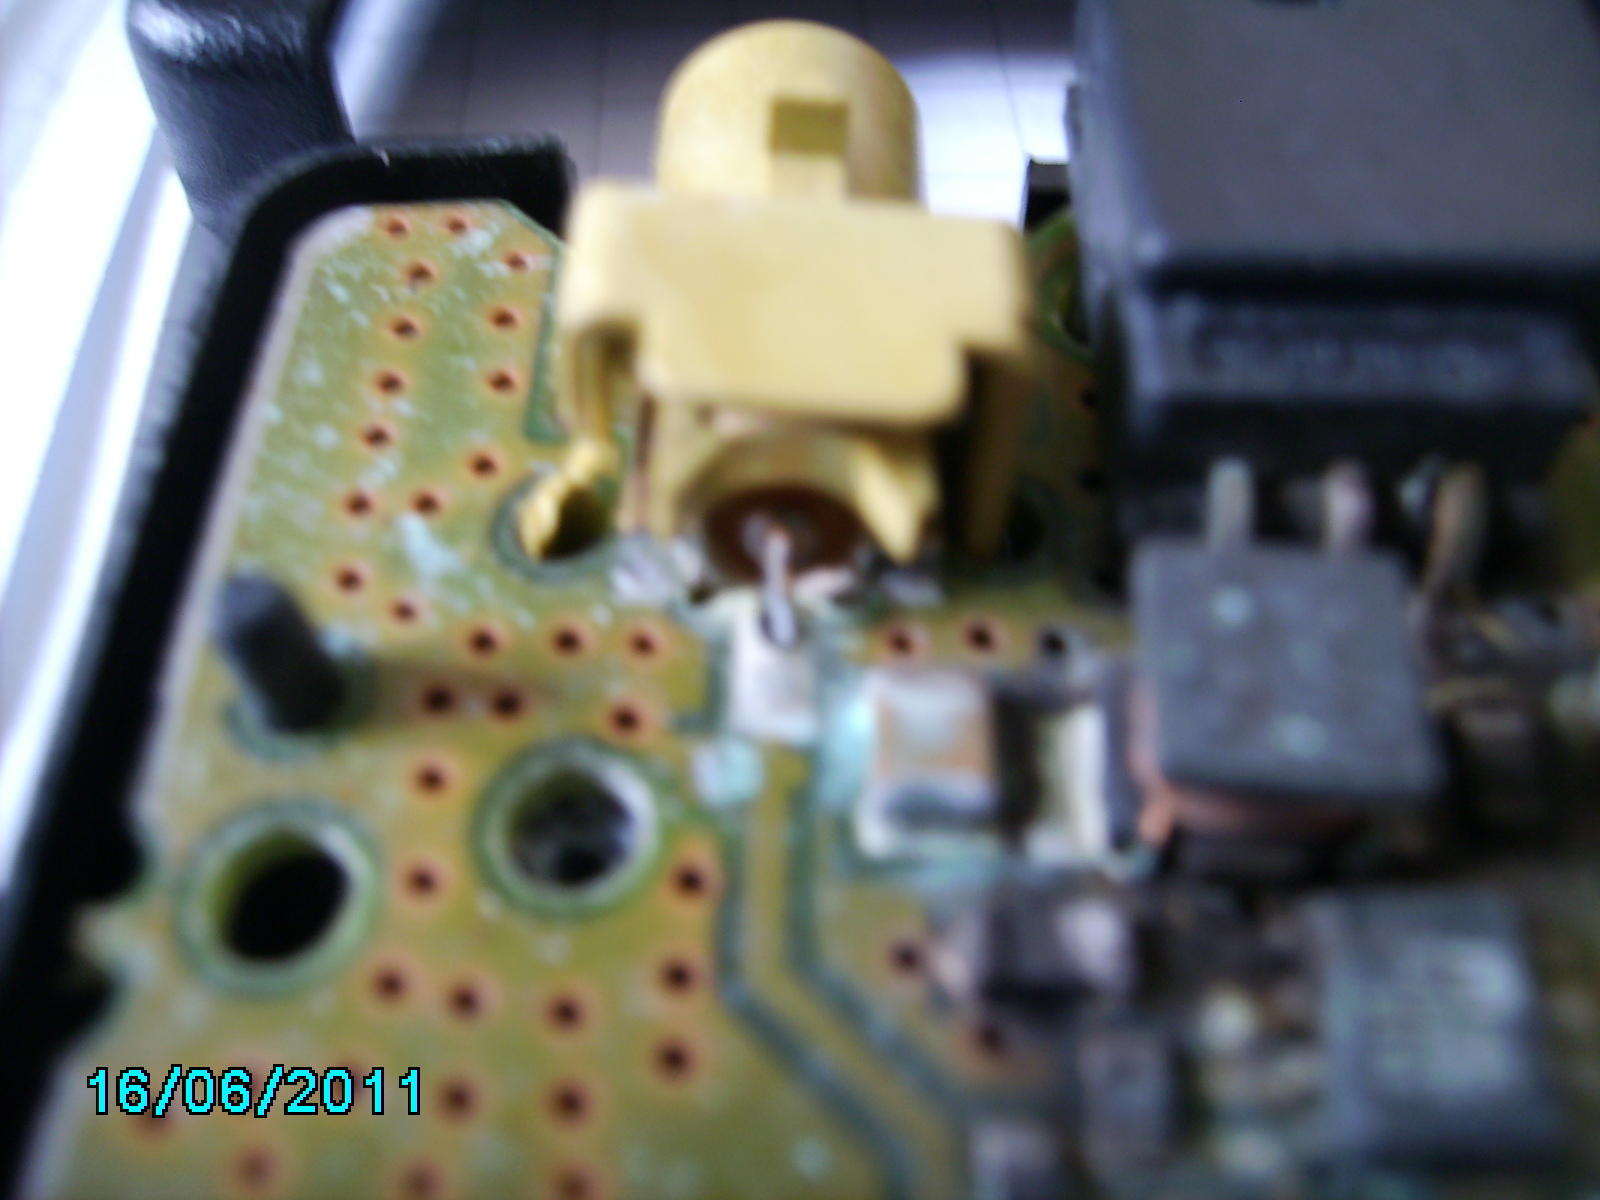 PICT3283.JPG.c72b1a9a060fa50c6bffb6054ebab169.JPG